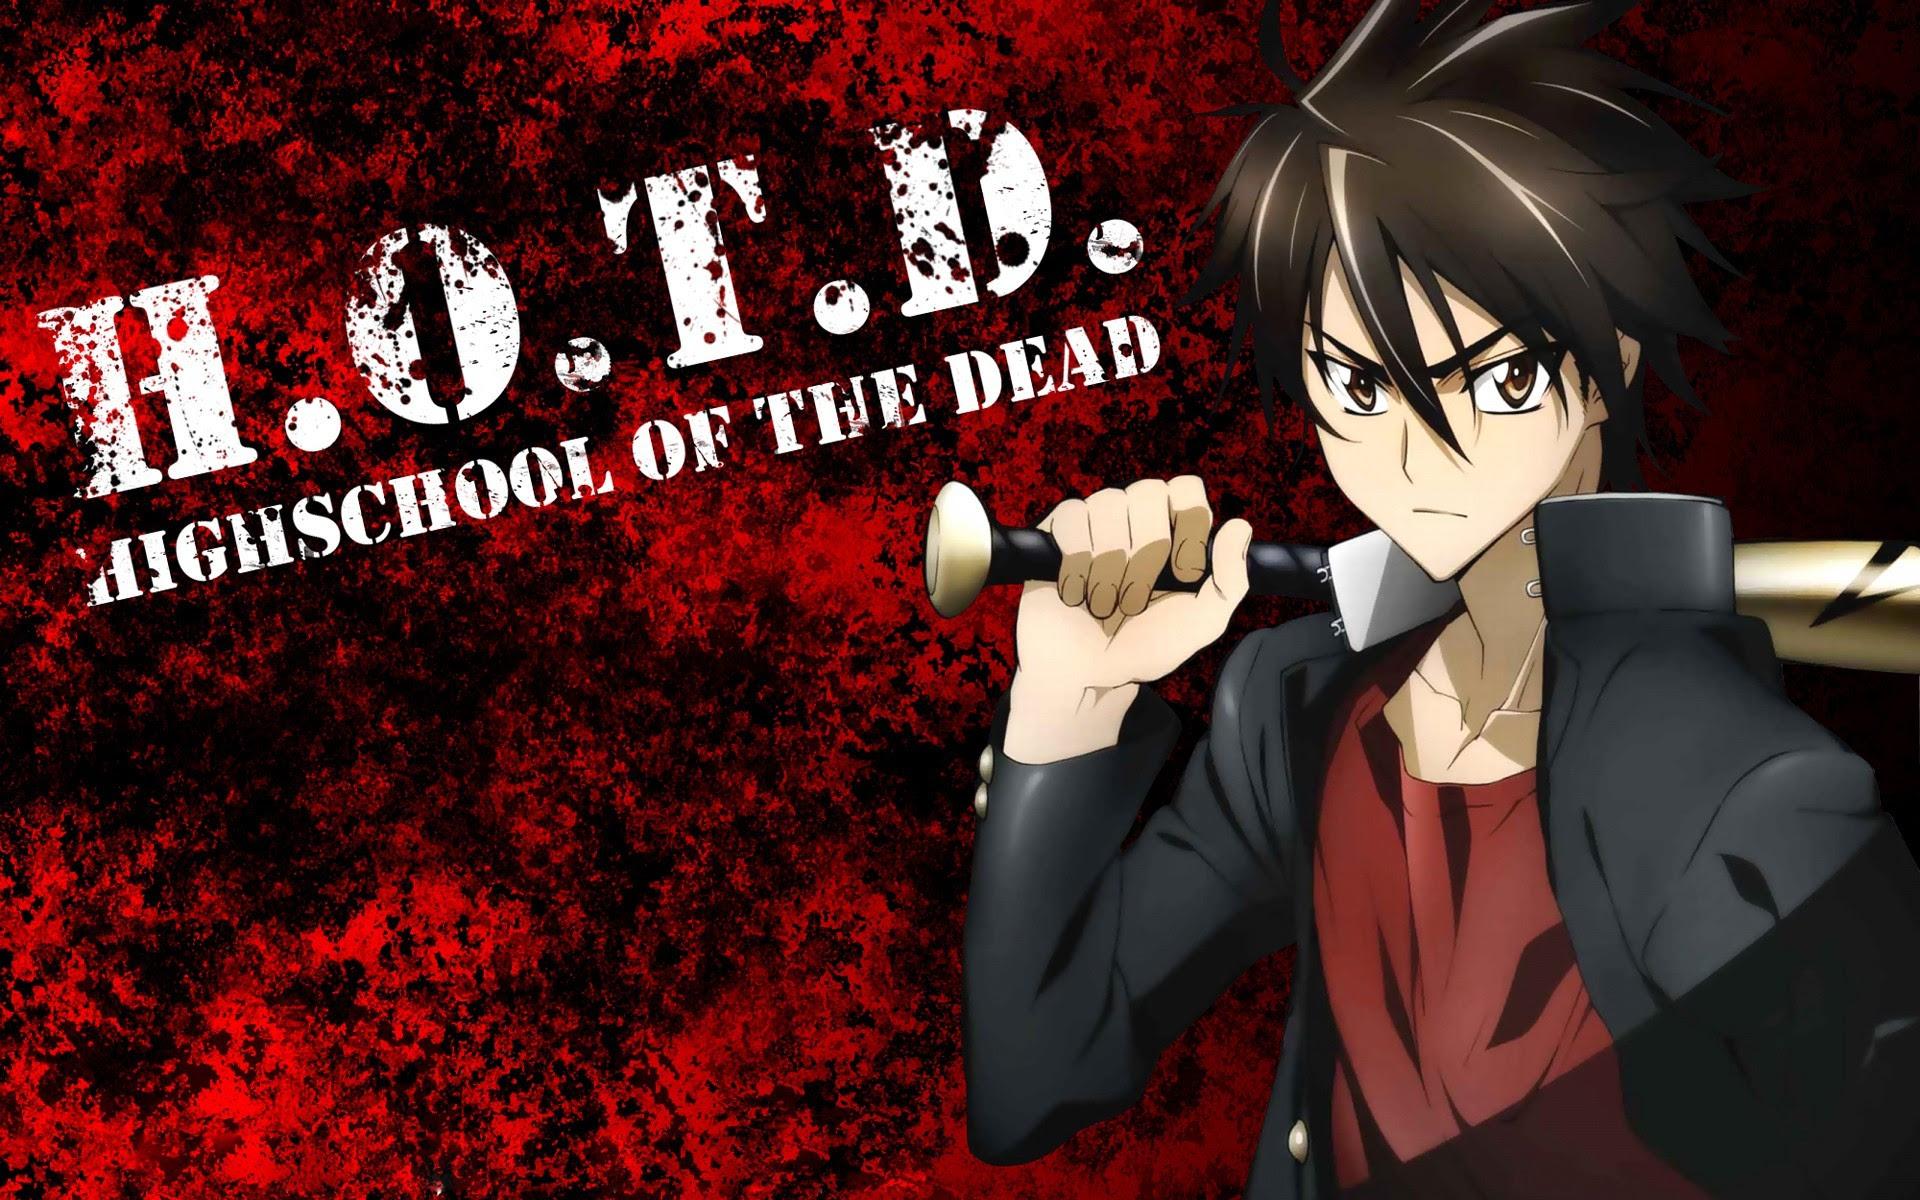 º Hotd º Highschool Of The Dead